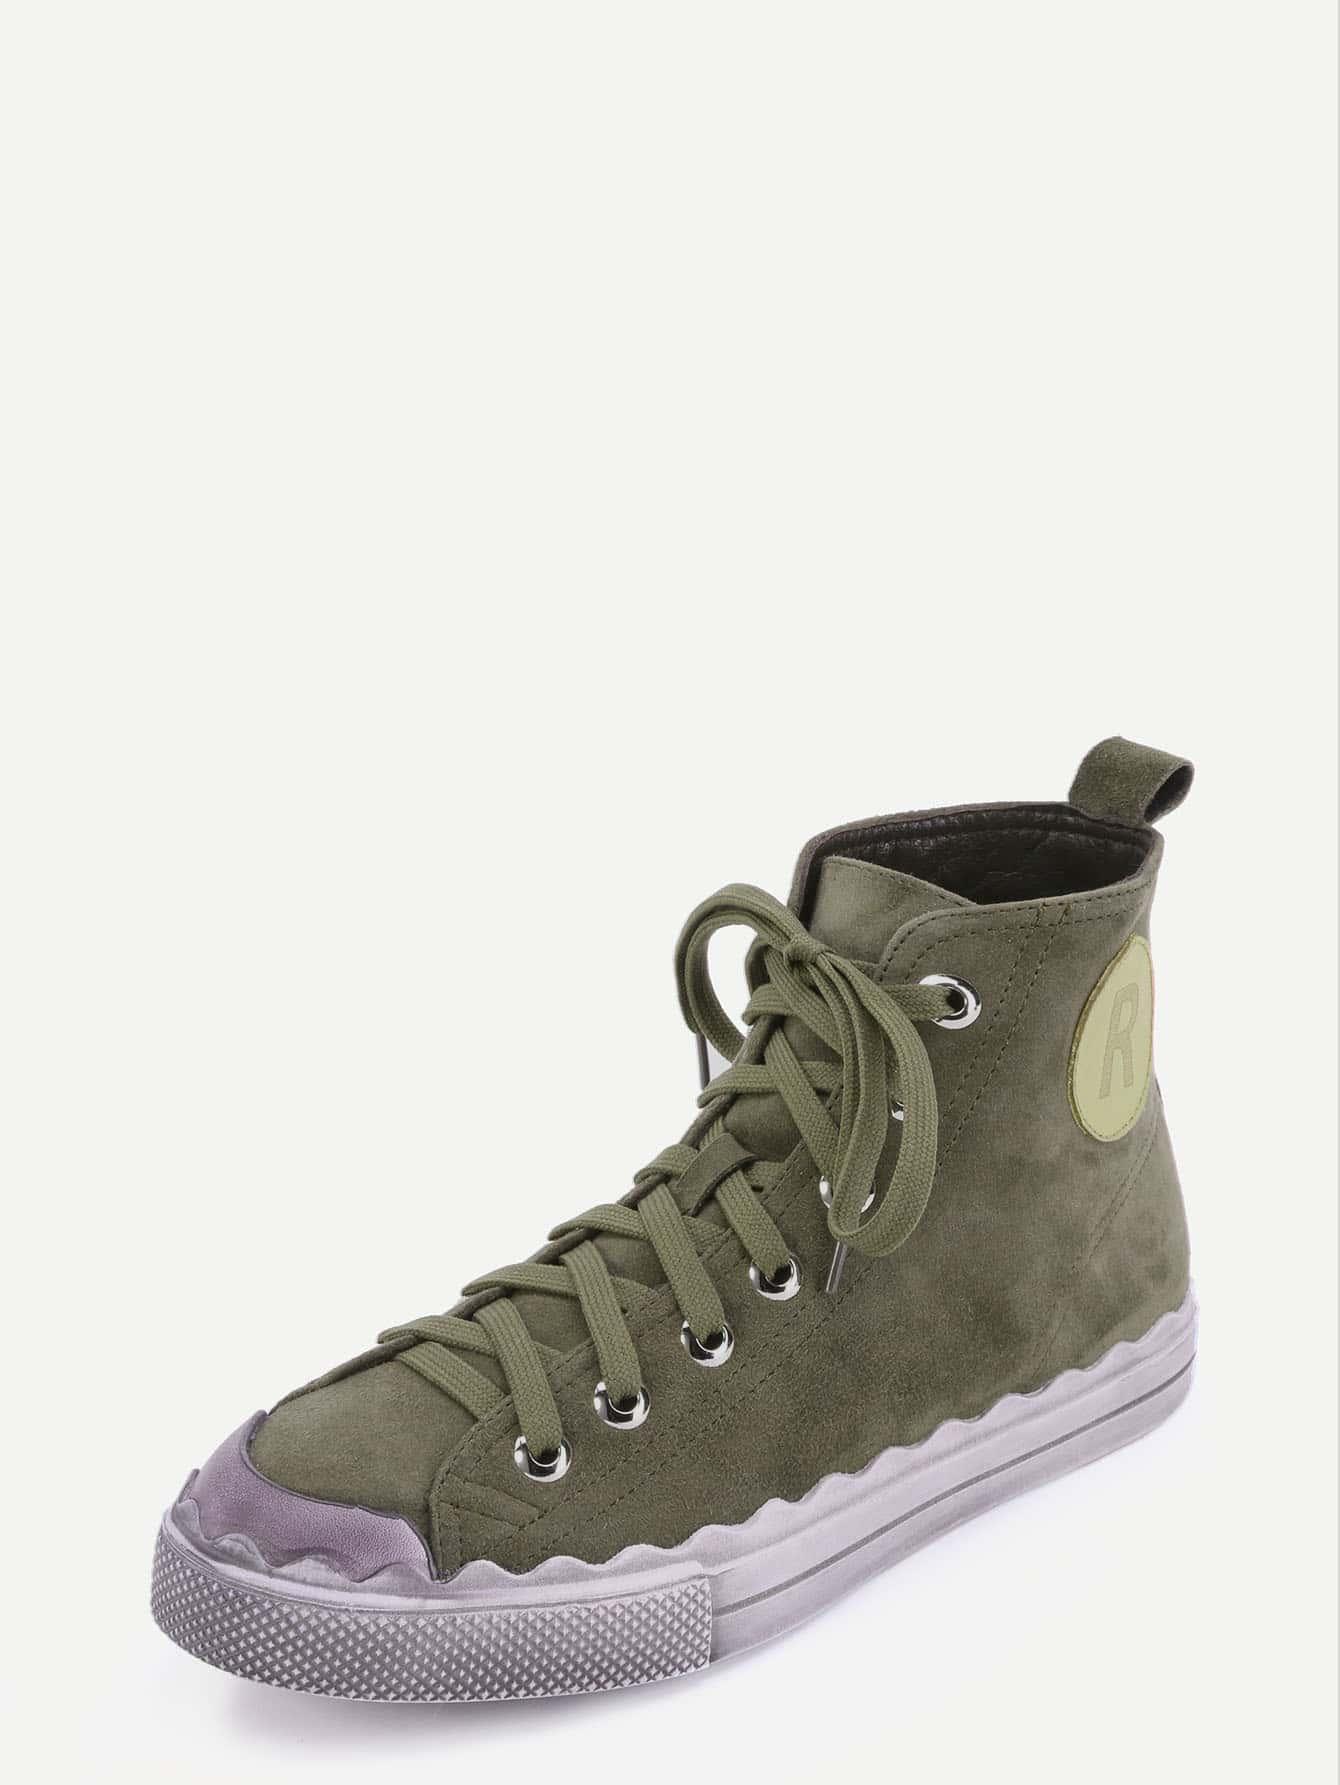 shoes160929805_2